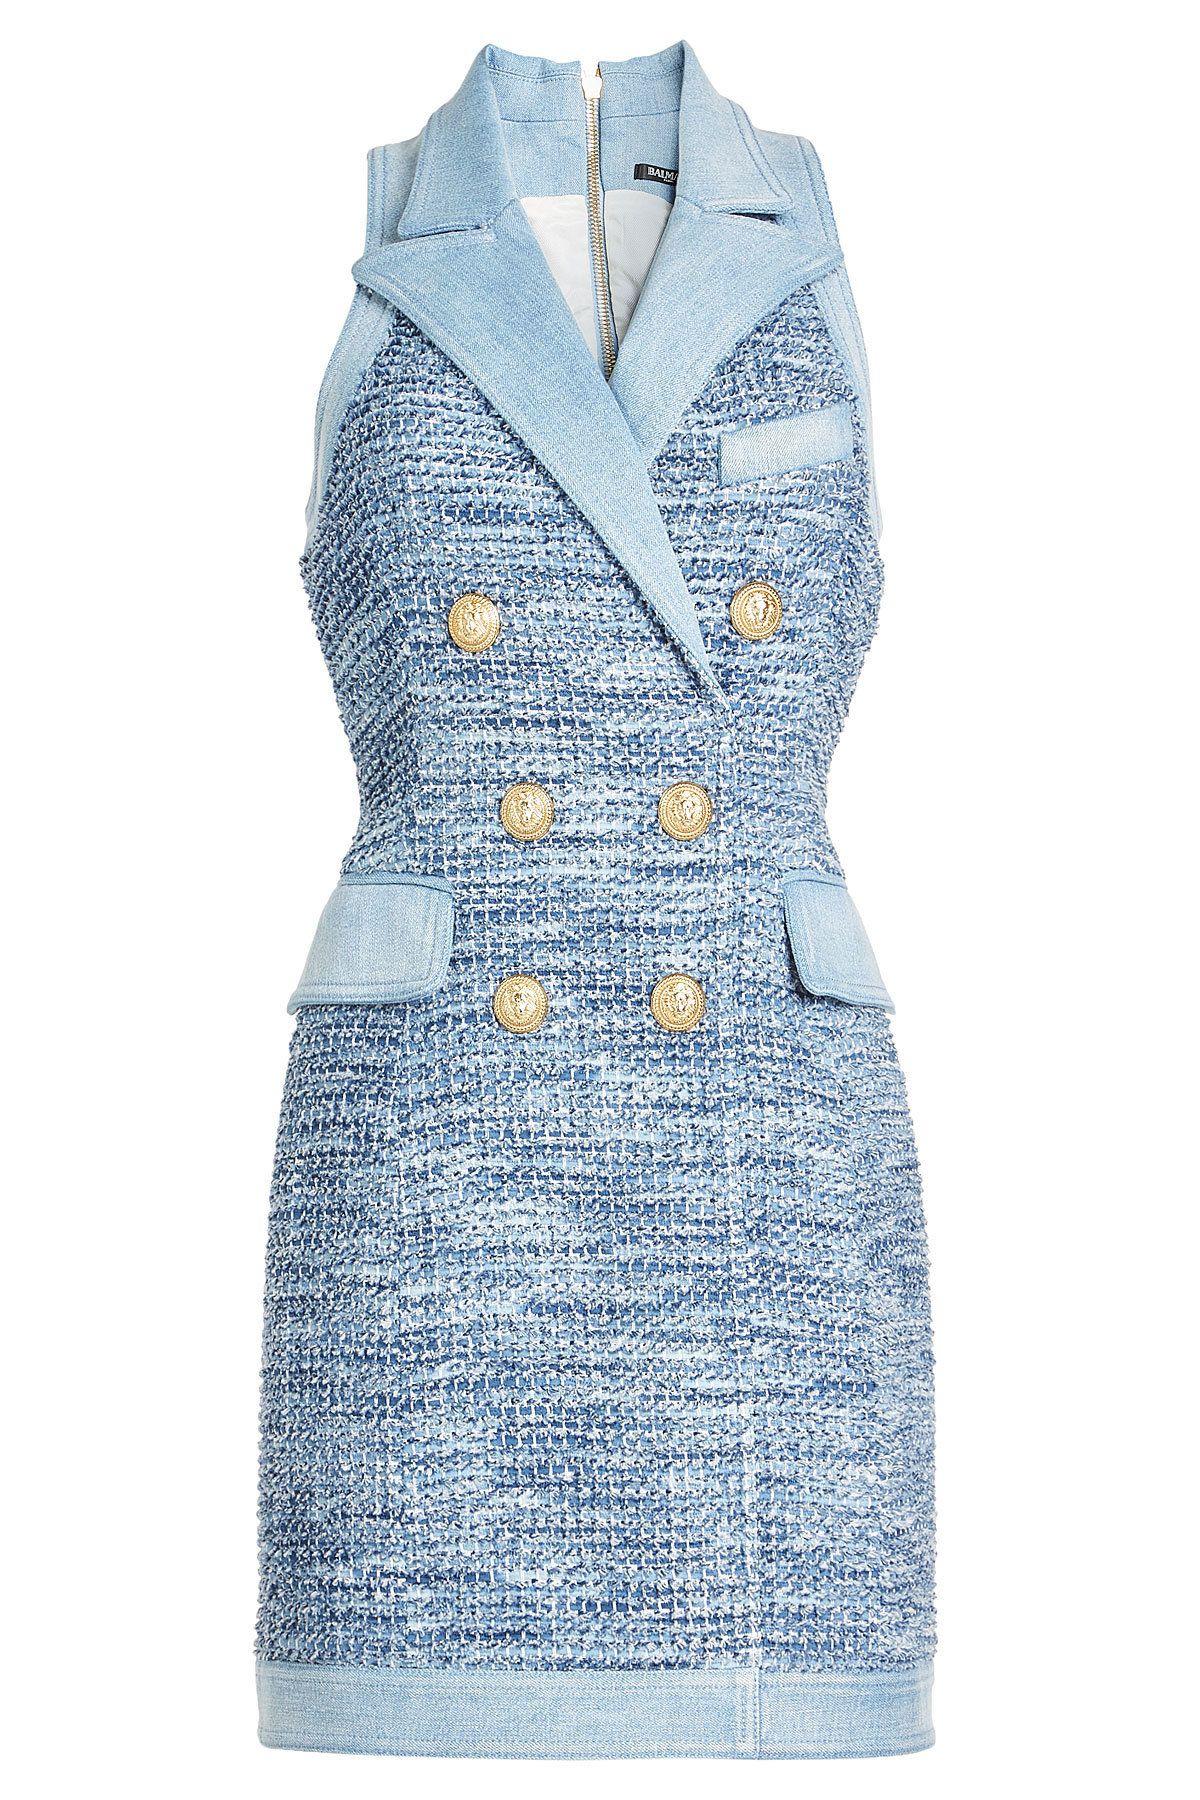 Balmain - Bouclé Dress with Denim